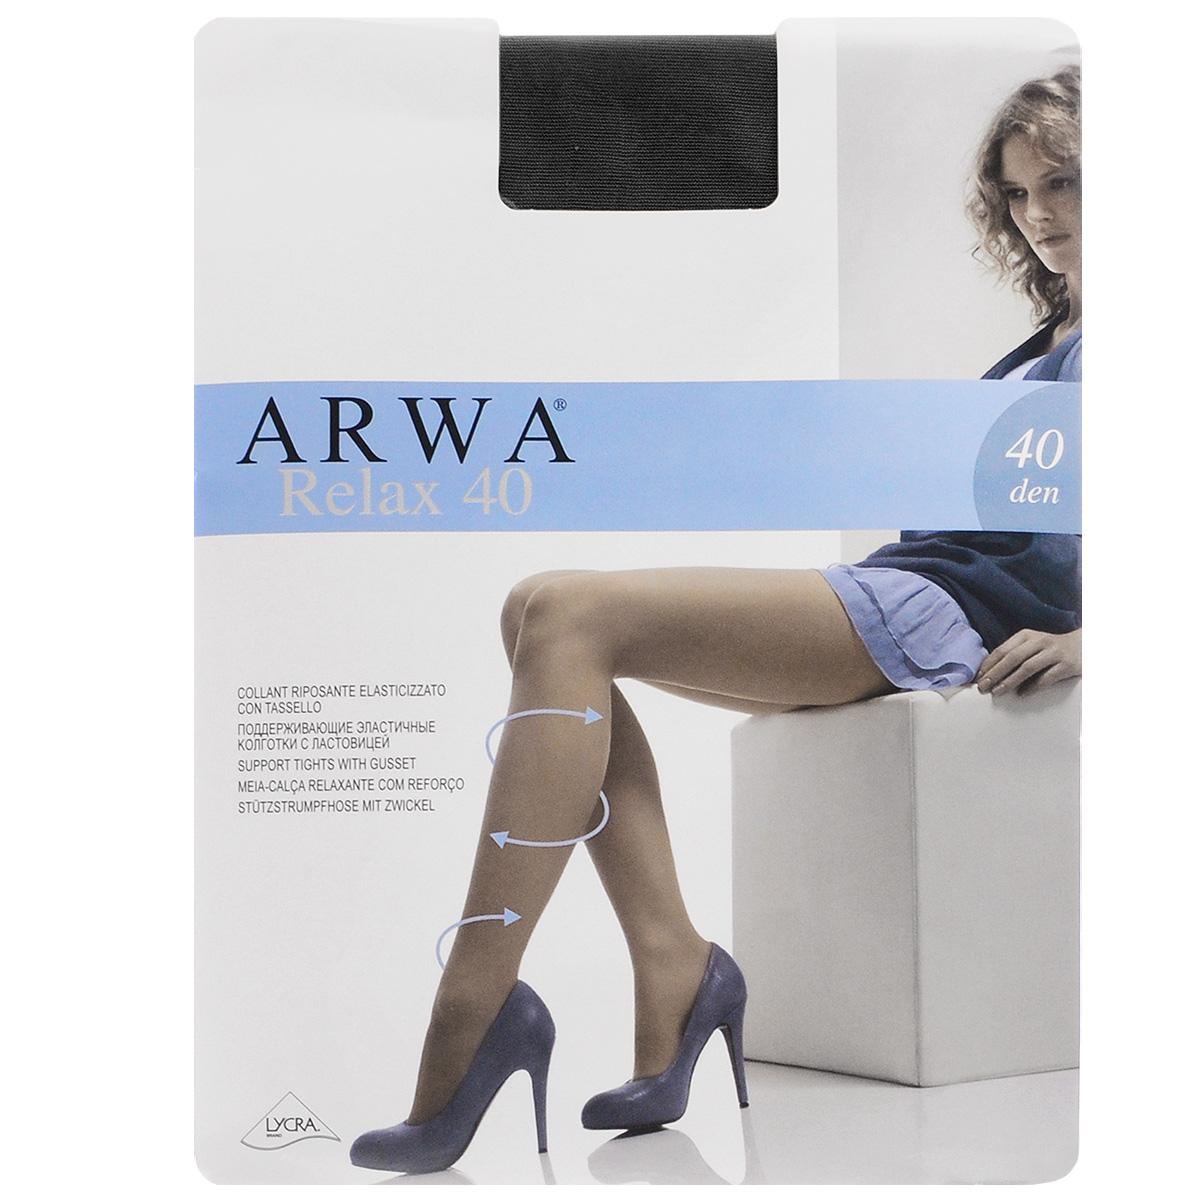 Колготки женские Relax 40. 831831ARWAТонкие эластичные колготки Arwa Relax с комфортными швами и гигиеничной ластовицей. Изюминка модели - утягивающие шортики, которые, оптимально распределяя давление по ноге, корректируют силуэт. Плотность: 40 den.